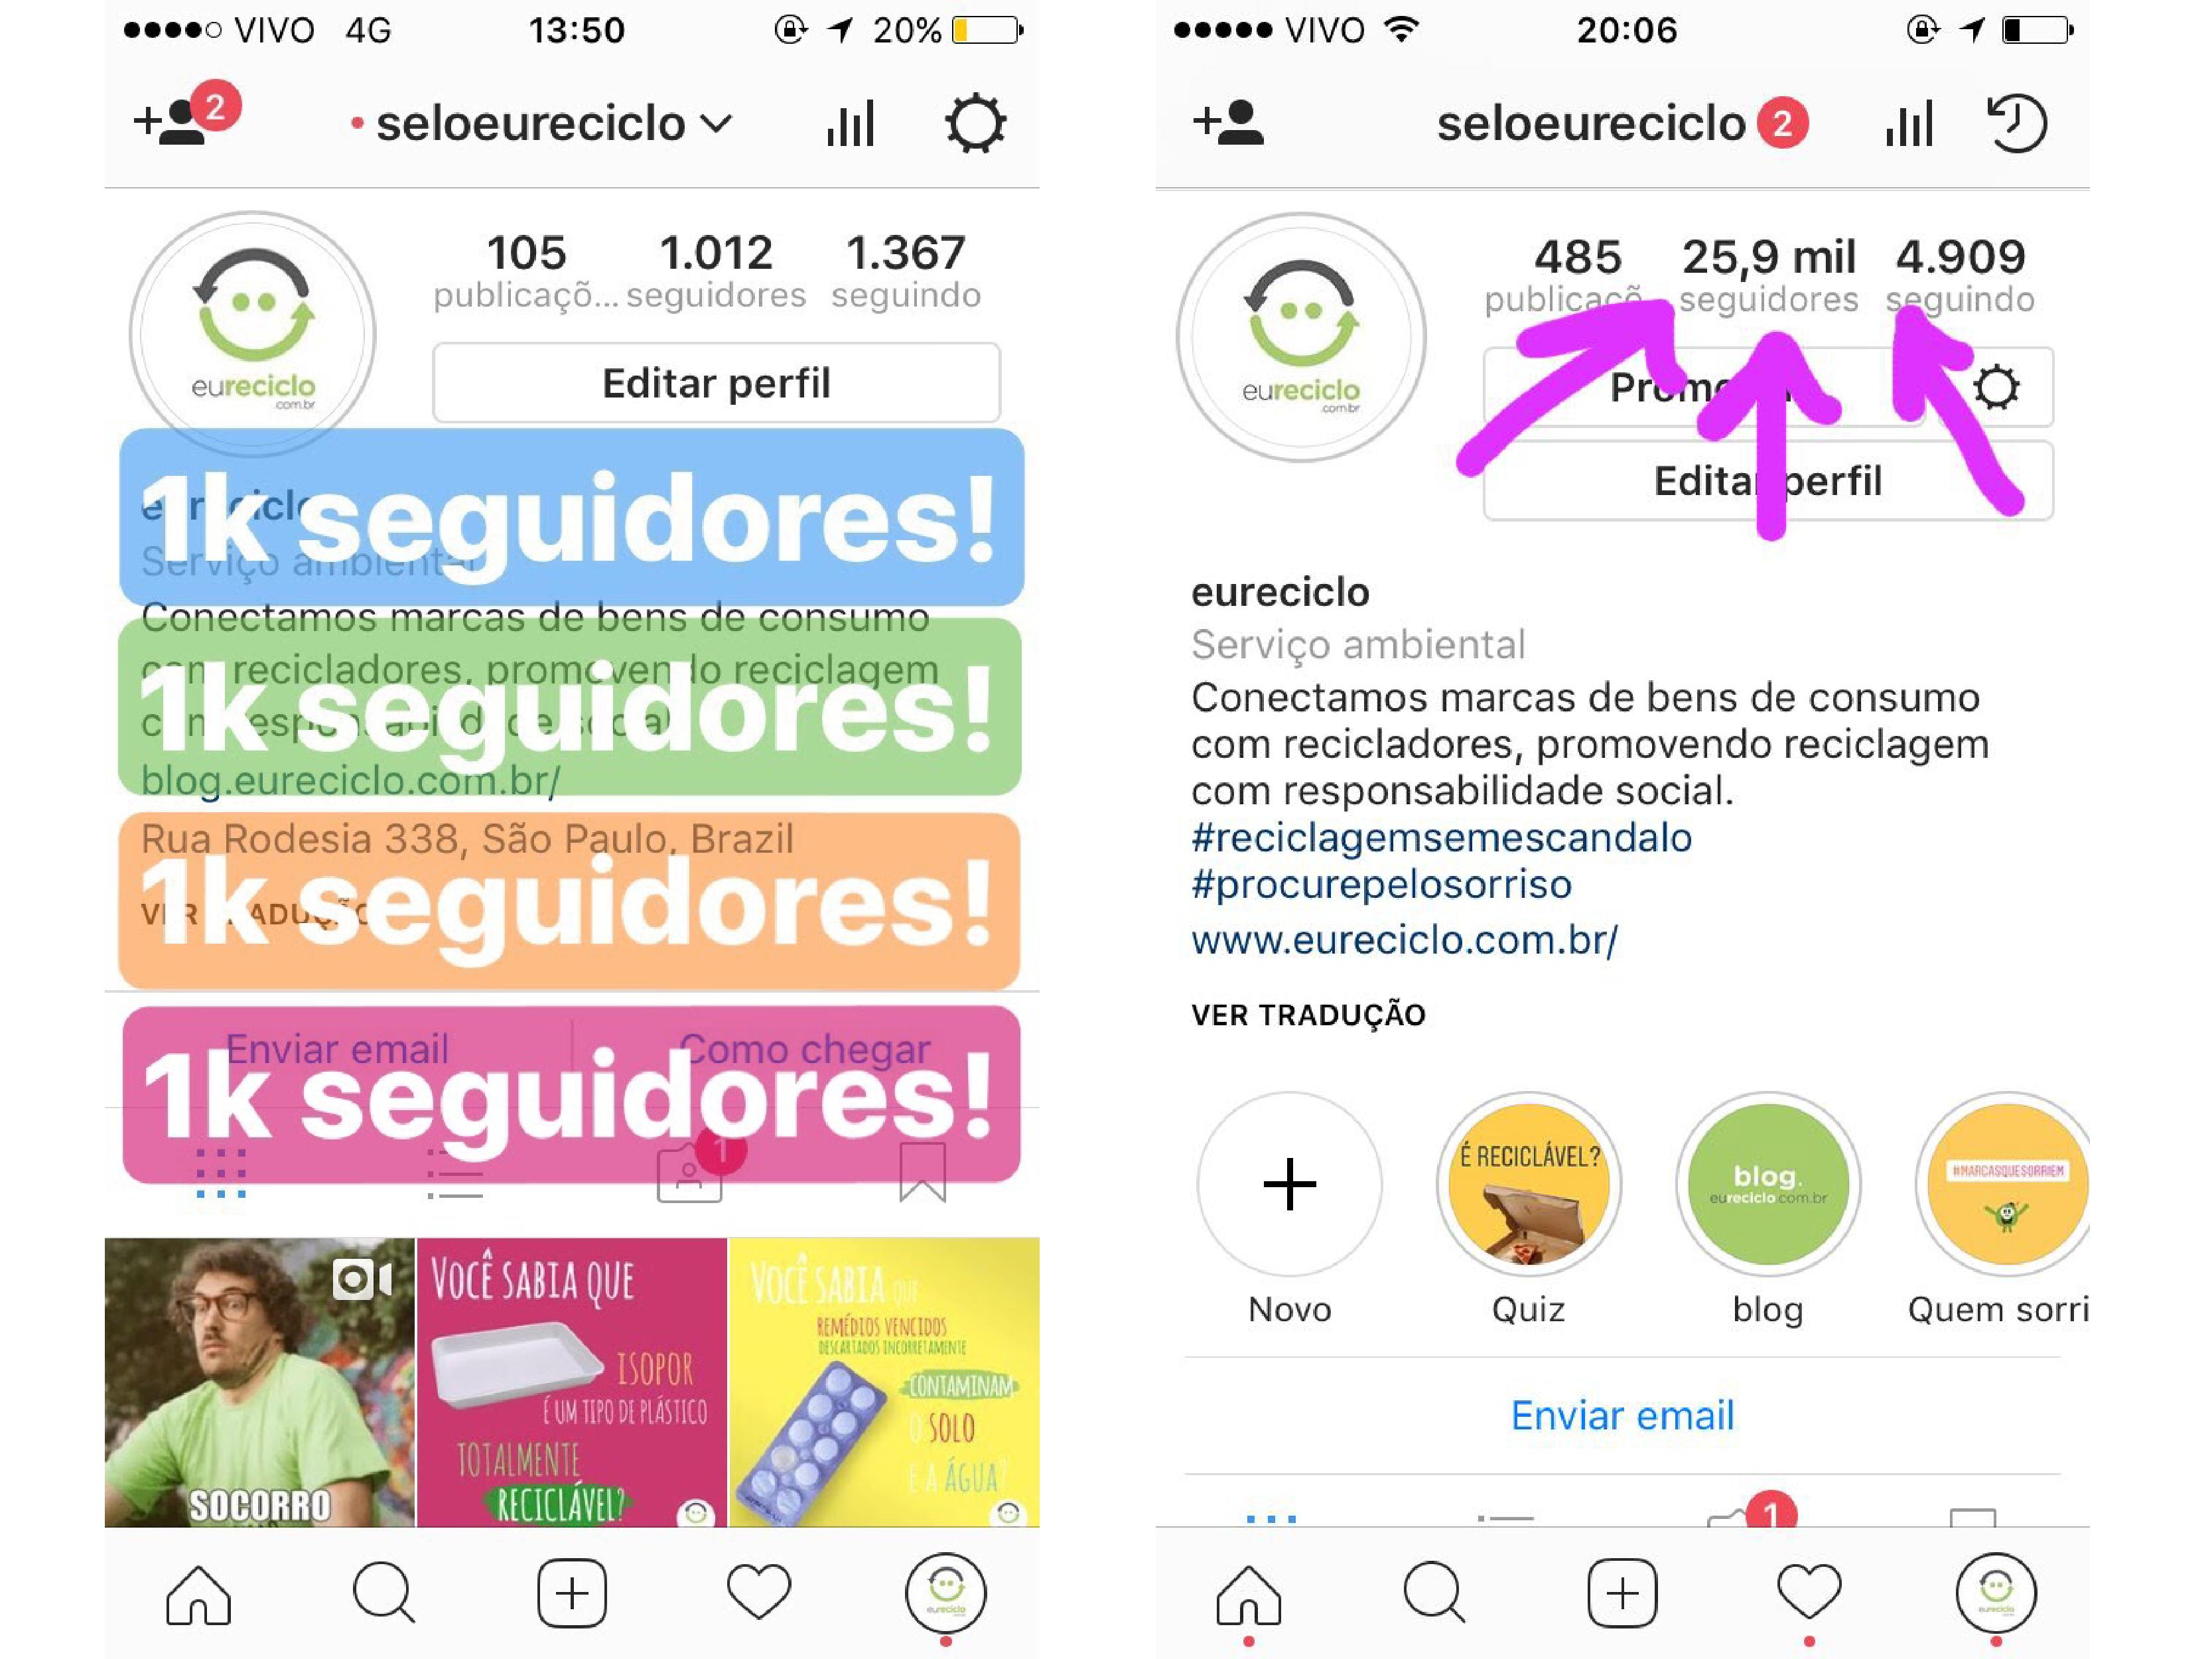 Como aumentamos nossos seguidores no Instagram 25x em um ano